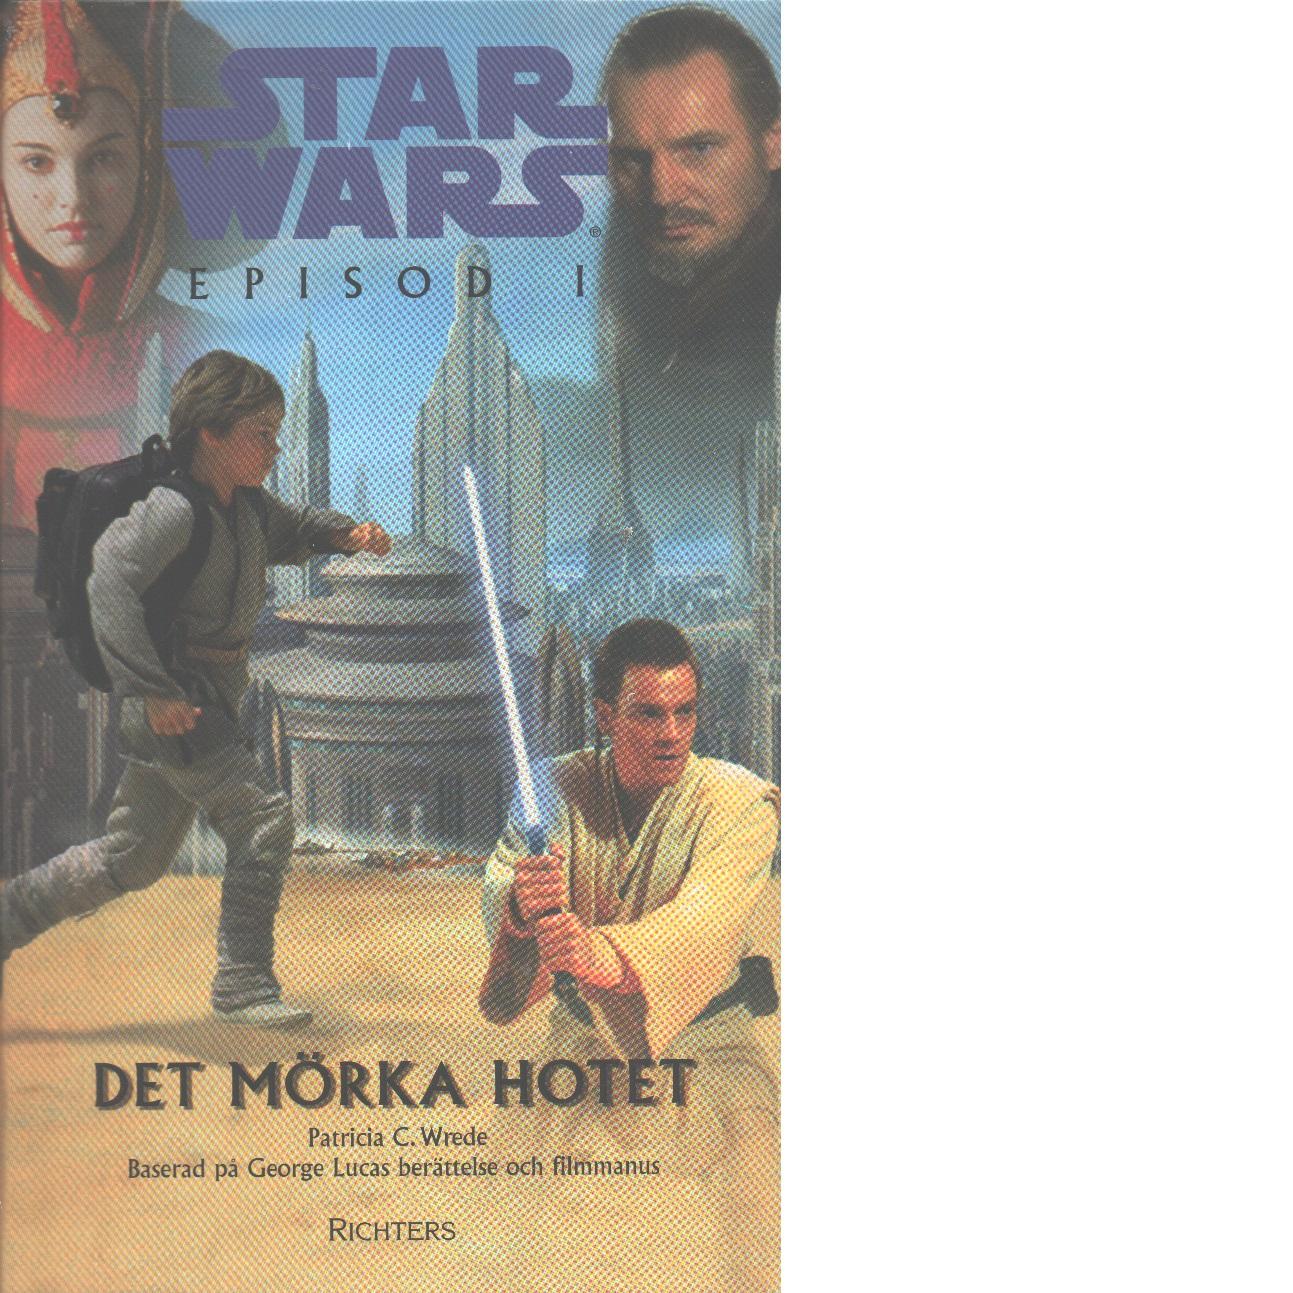 Star wars, episod I : det mörka hotet - Wrede, Patricia